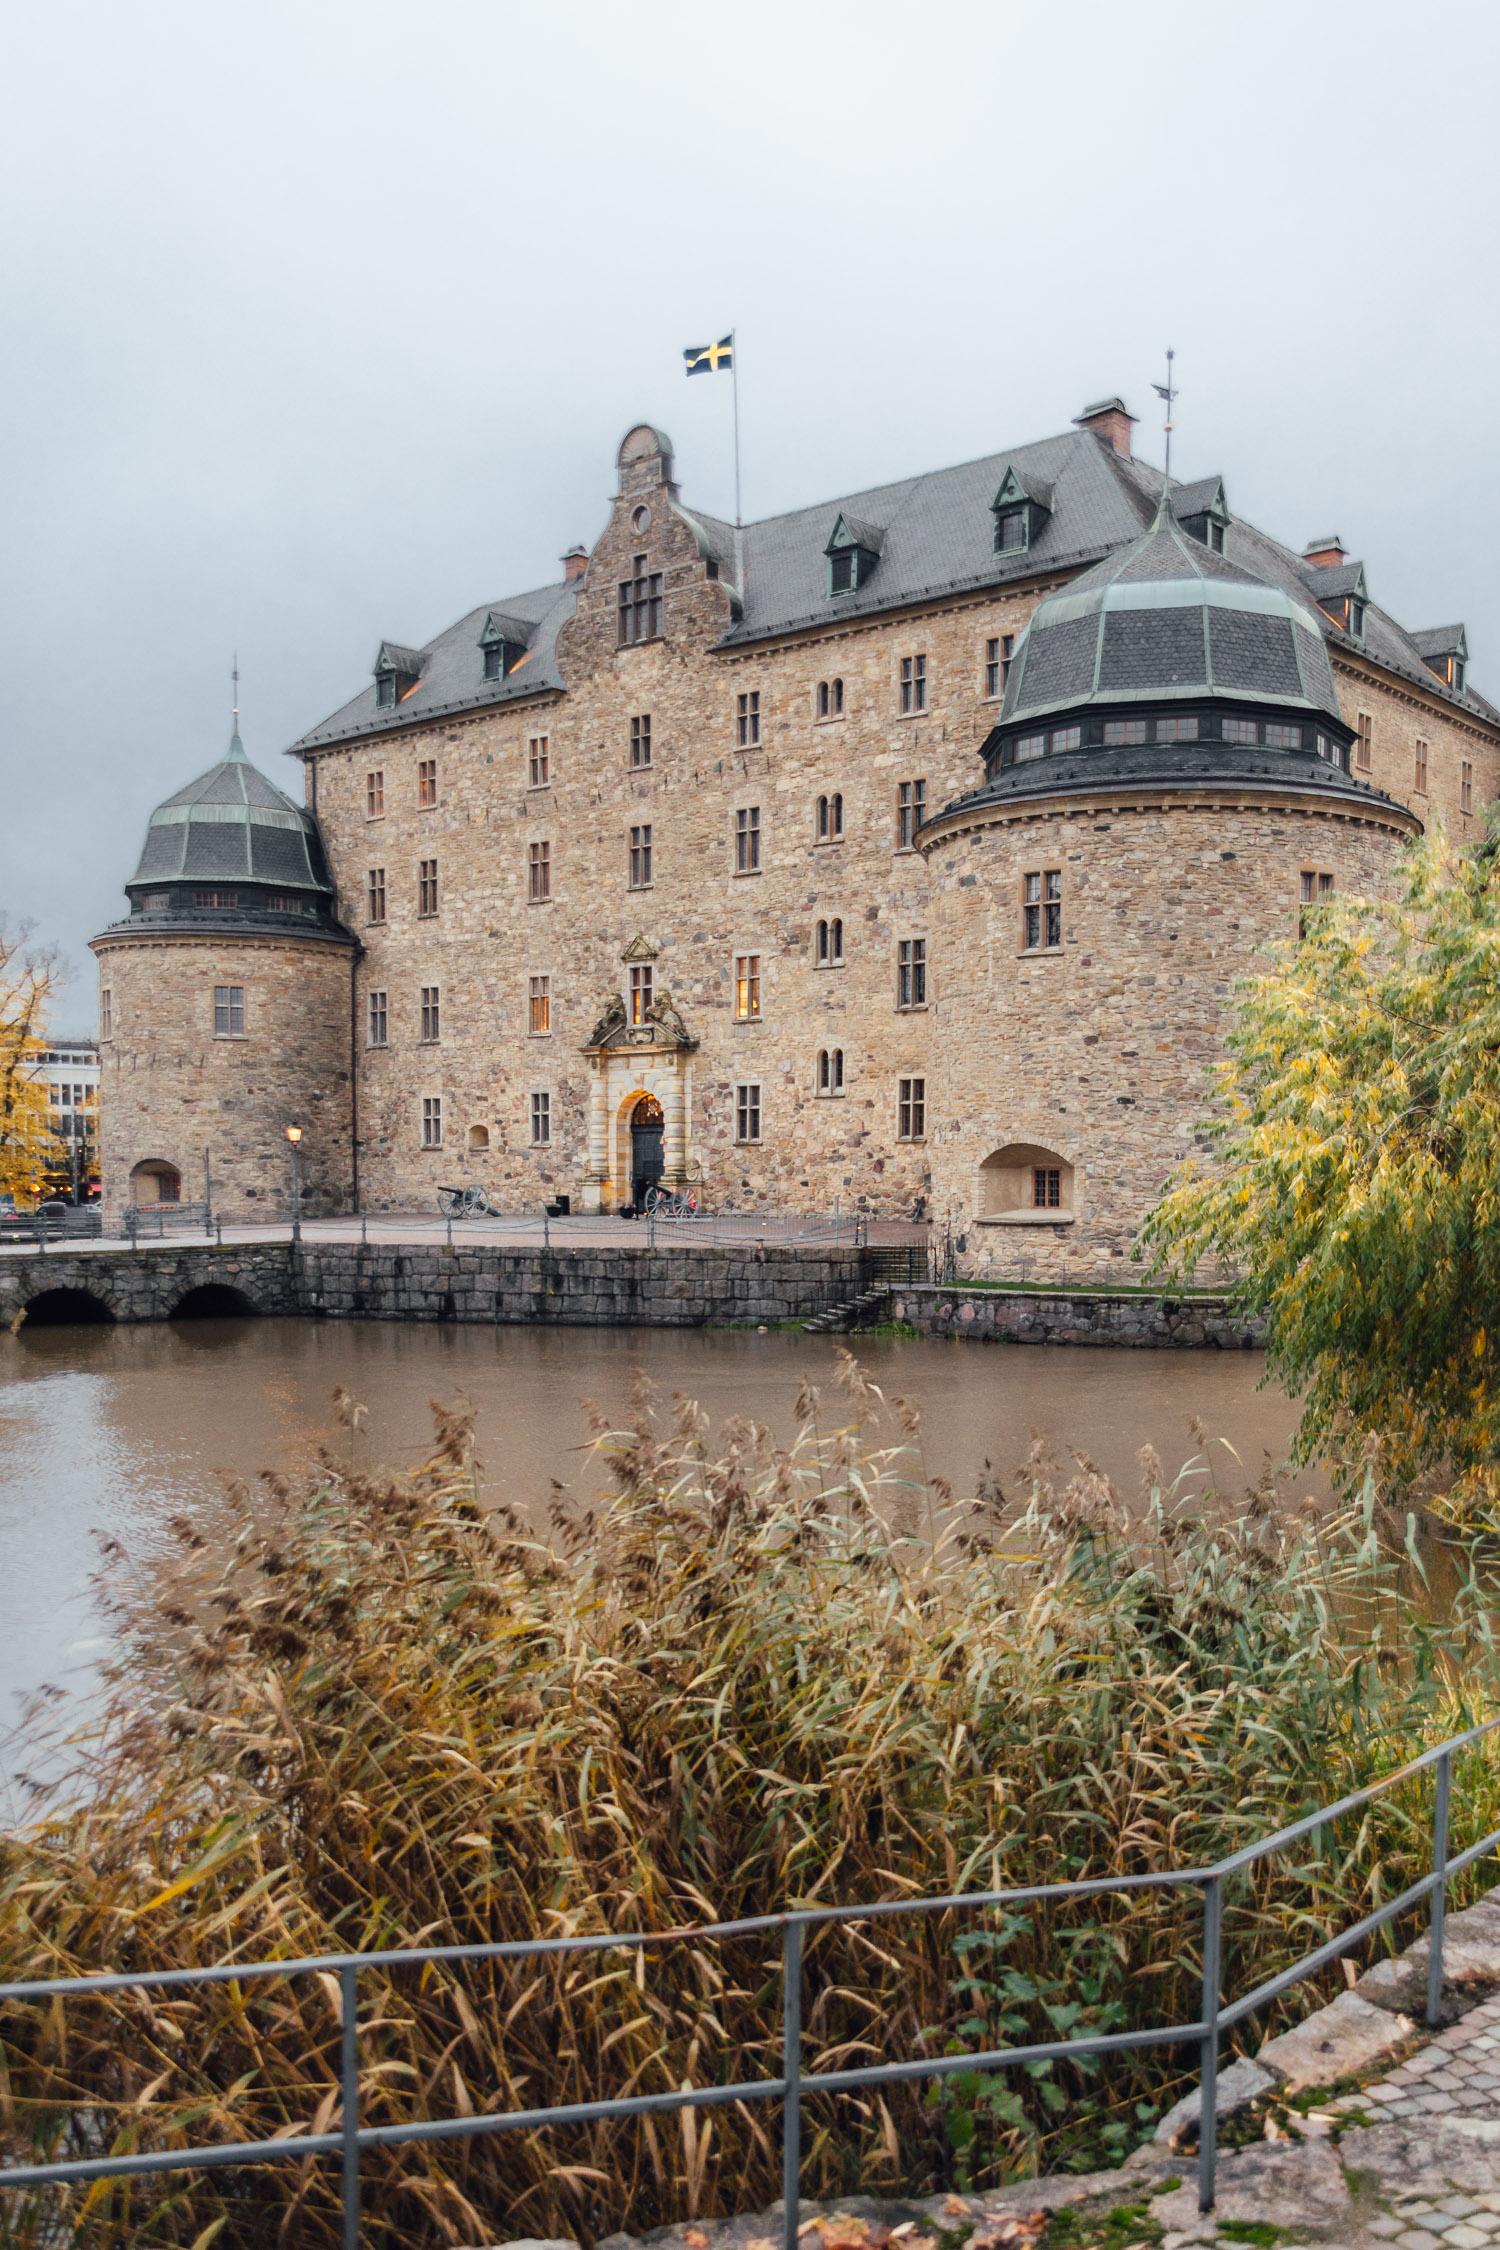 Sevärdhet i Örebro, Närke: Örebro slott på en holme i Svartån.